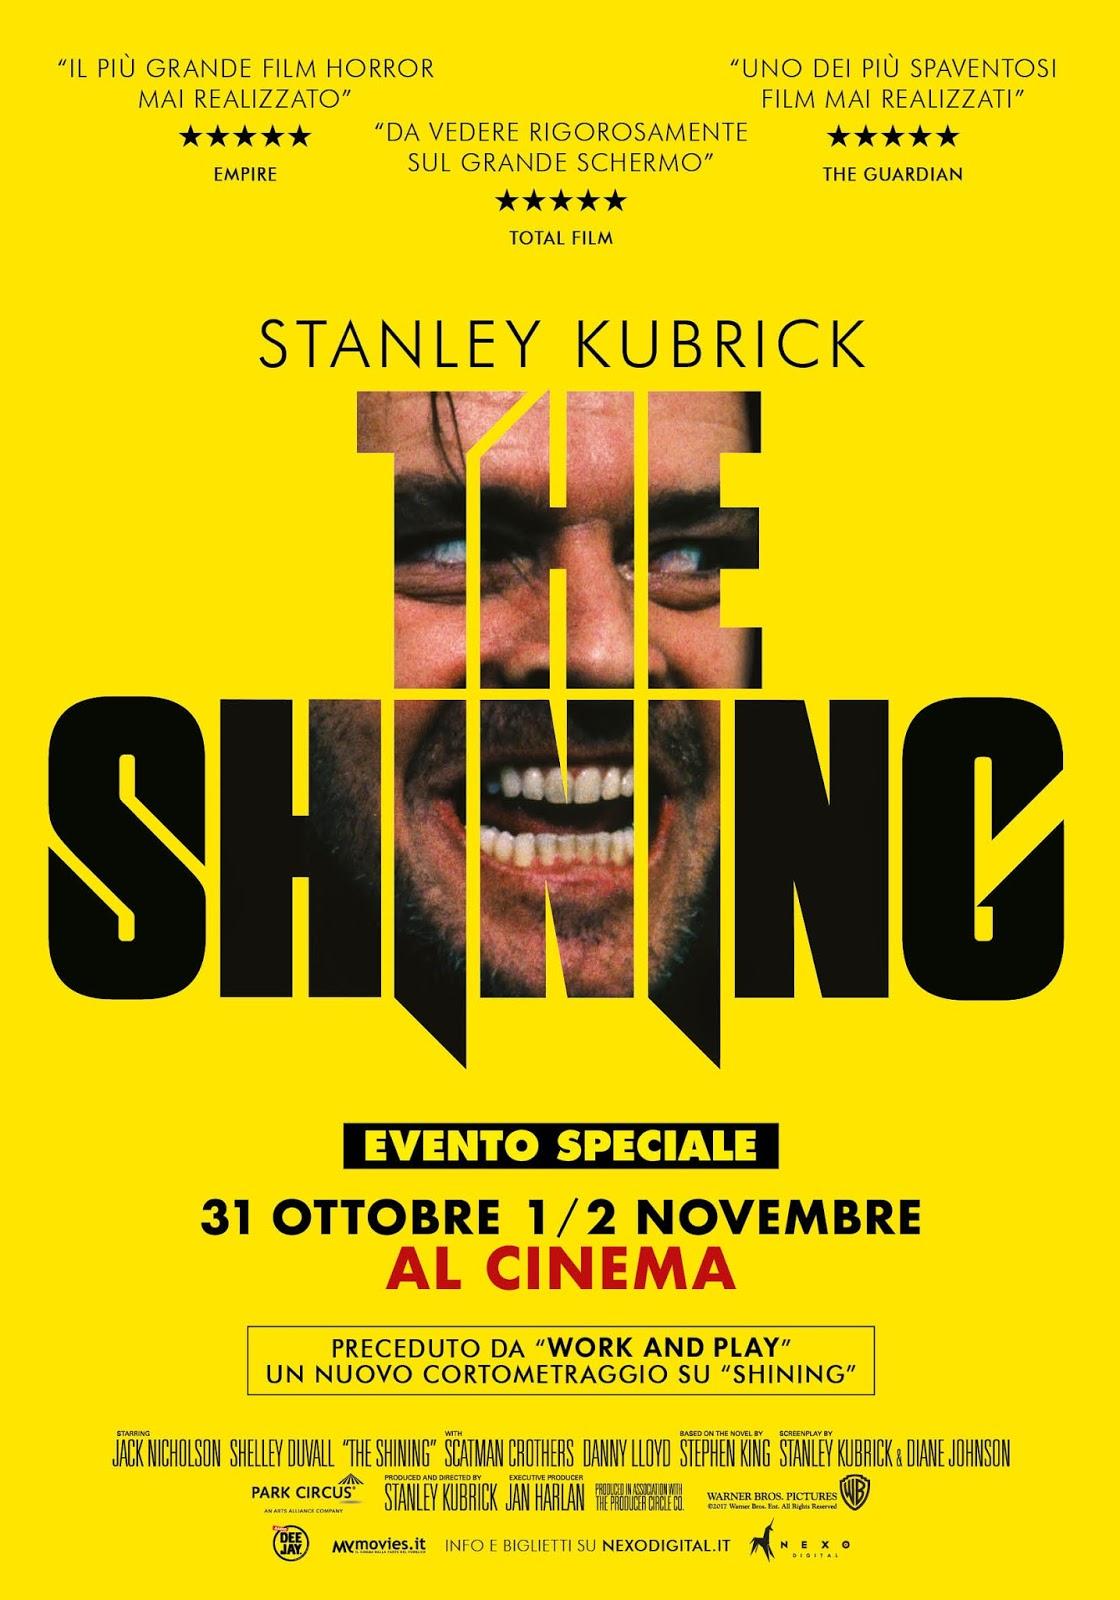 ef936d71692787 Dal romanzo di Stephen King pubblicato nel 1977 che più lo ispirò, Stanley  Kubrick trasse uno dei suoi capolavori: Shining. Il cult movie, girato tra  il ...